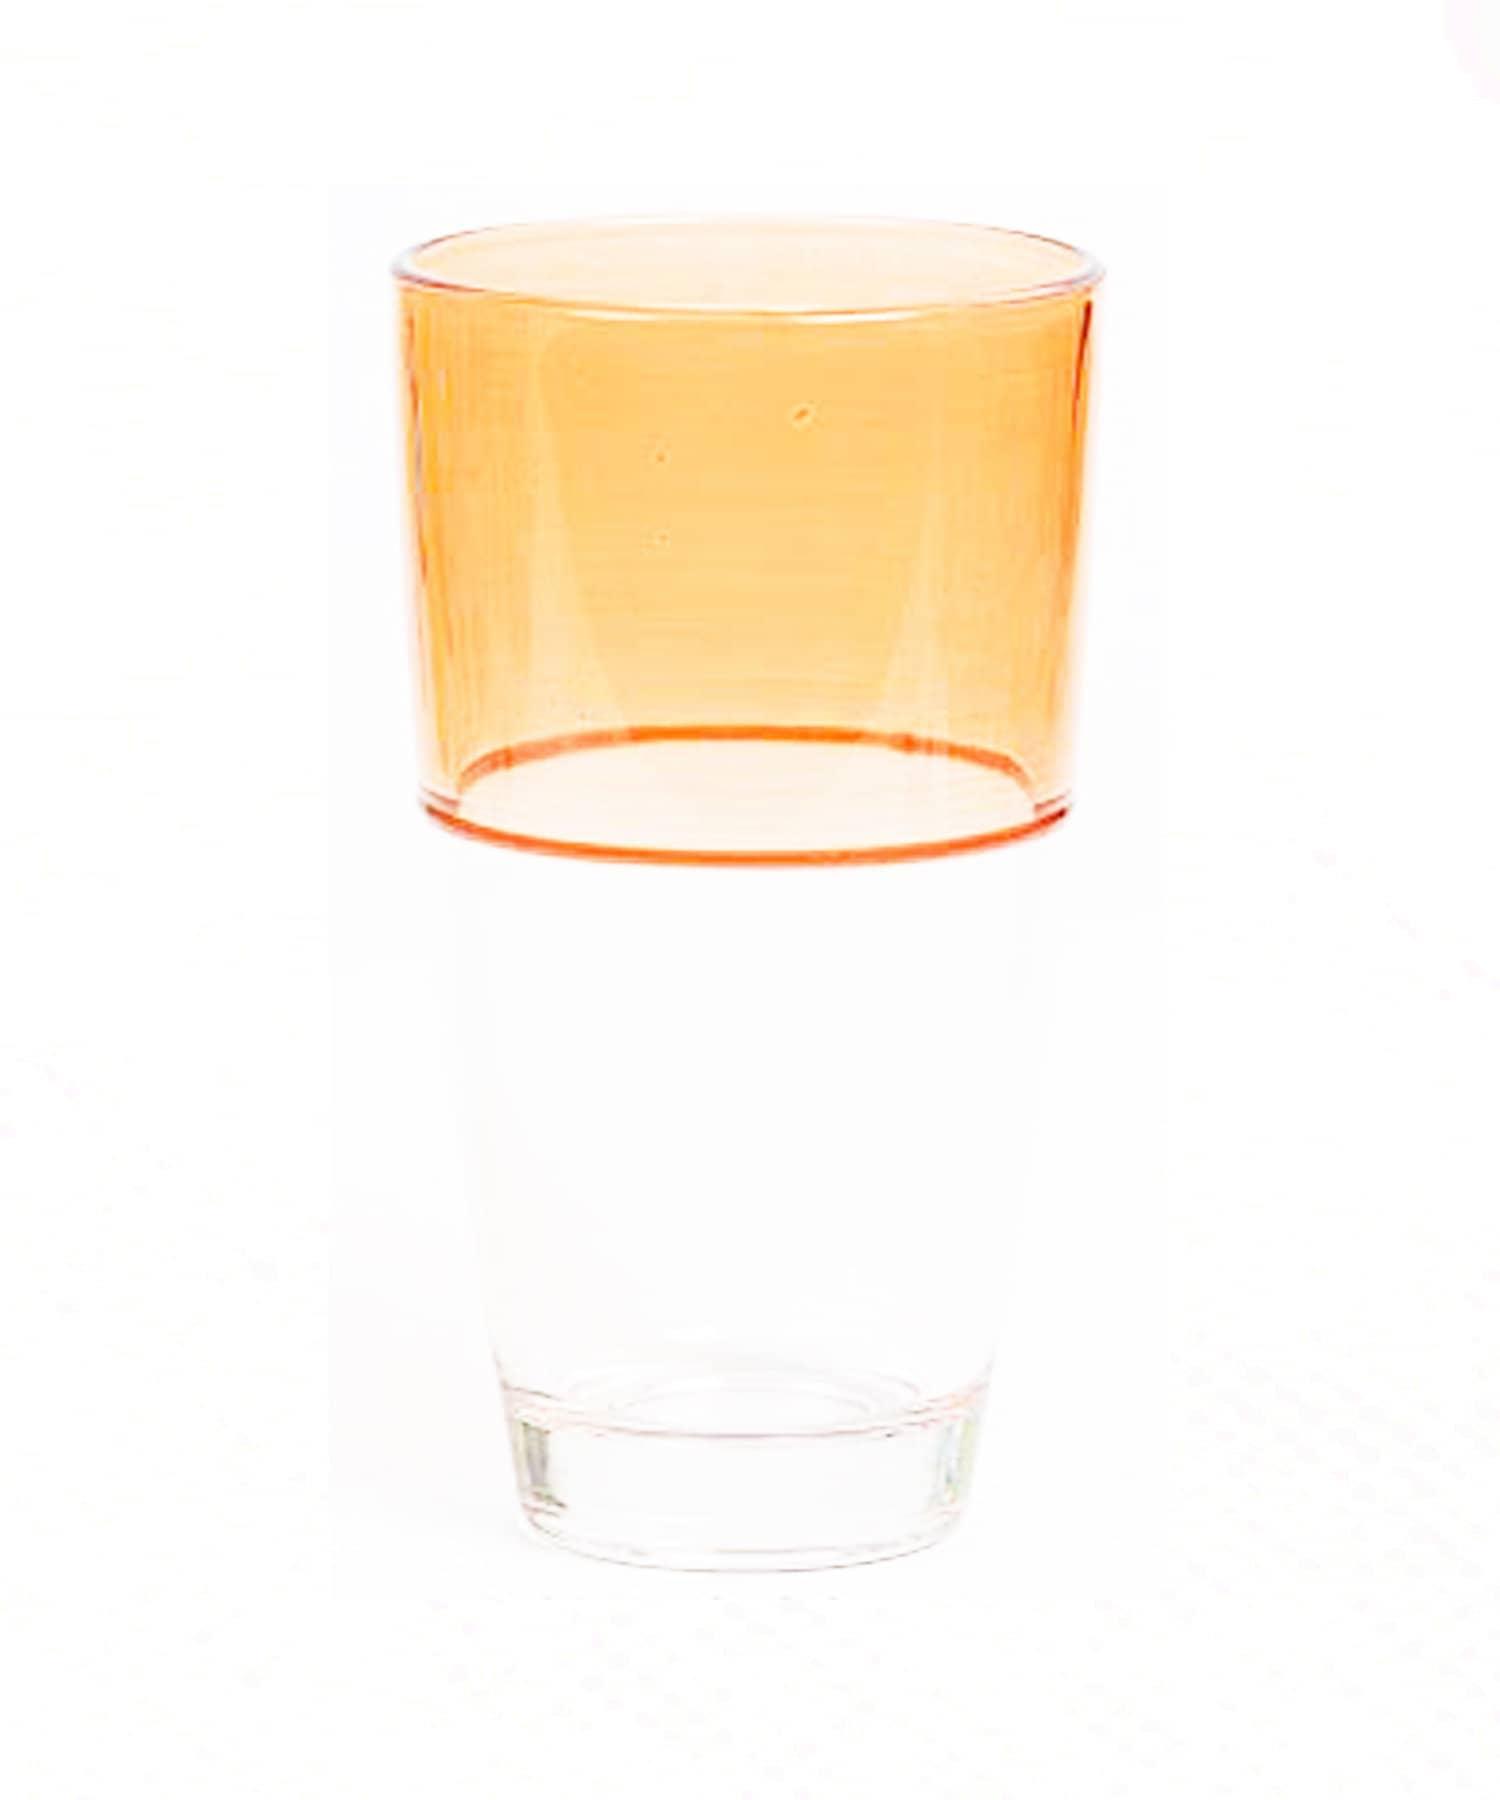 CIAOPANIC TYPY(チャオパニックティピー) ライフスタイル 【aamu-アーム】2トーングラス オレンジ